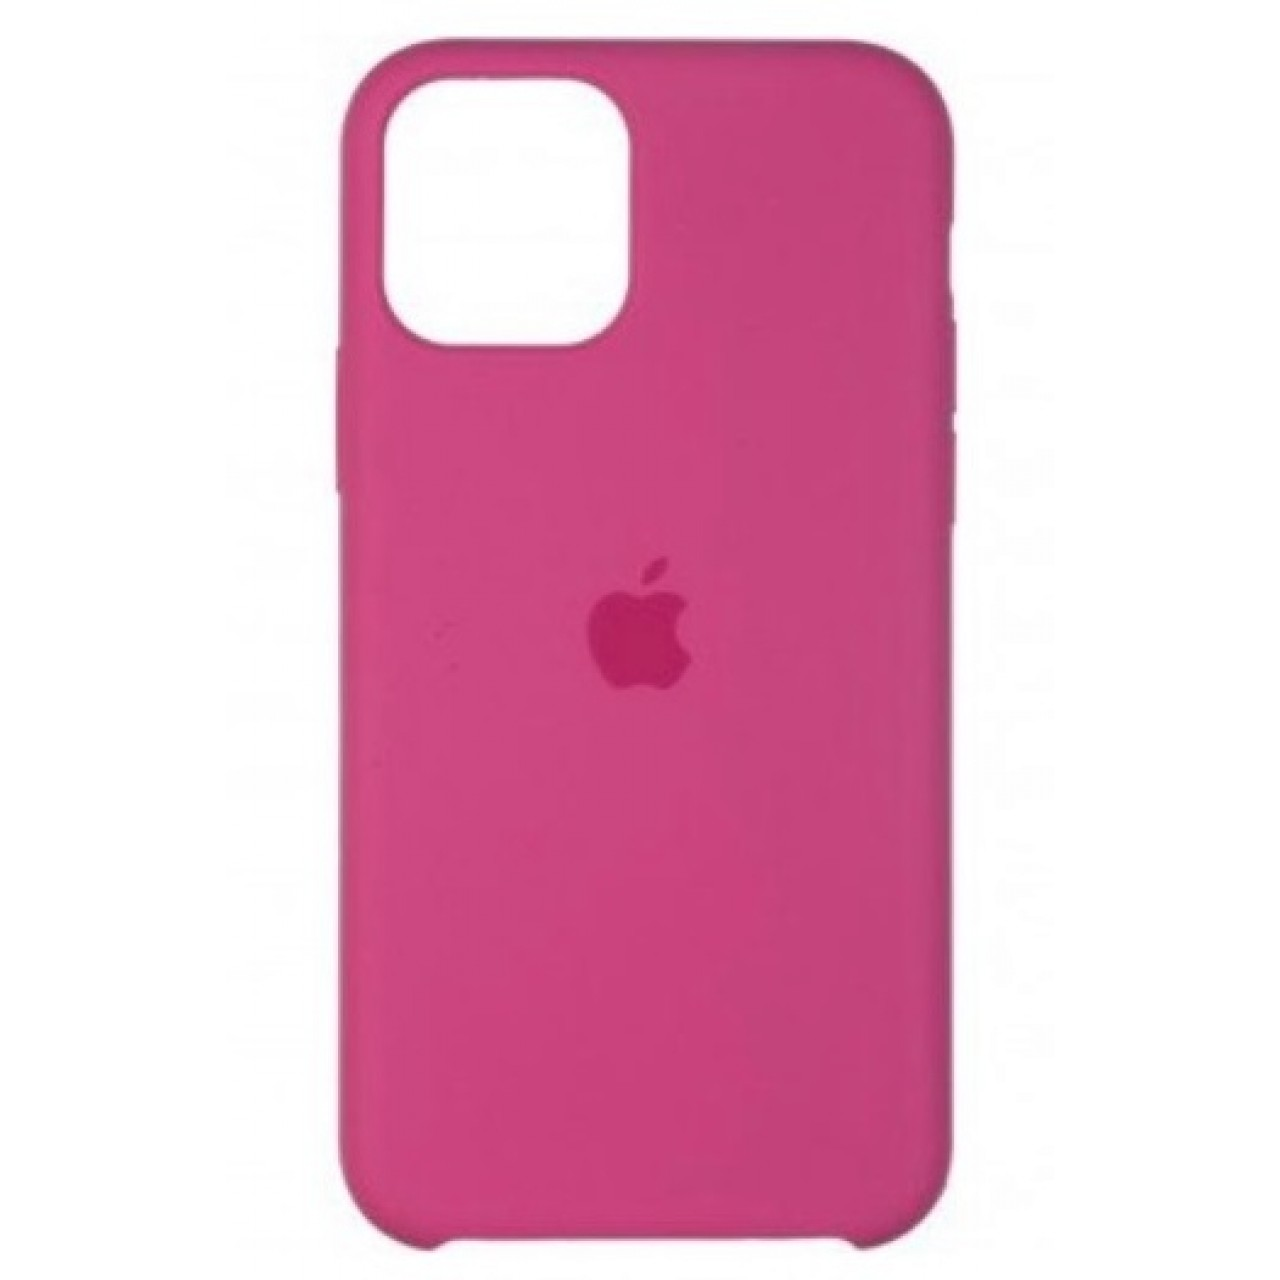 ΘΗΚΗ ΠΡΟΣΤΑΣΙΑΣ ΣΙΛΙΚΟΝΗΣ ΓΙΑ iPhone 11 PRO ΚΕΡΑΣΙ - BACK COVER SILICON CASE CHERRY - OEM